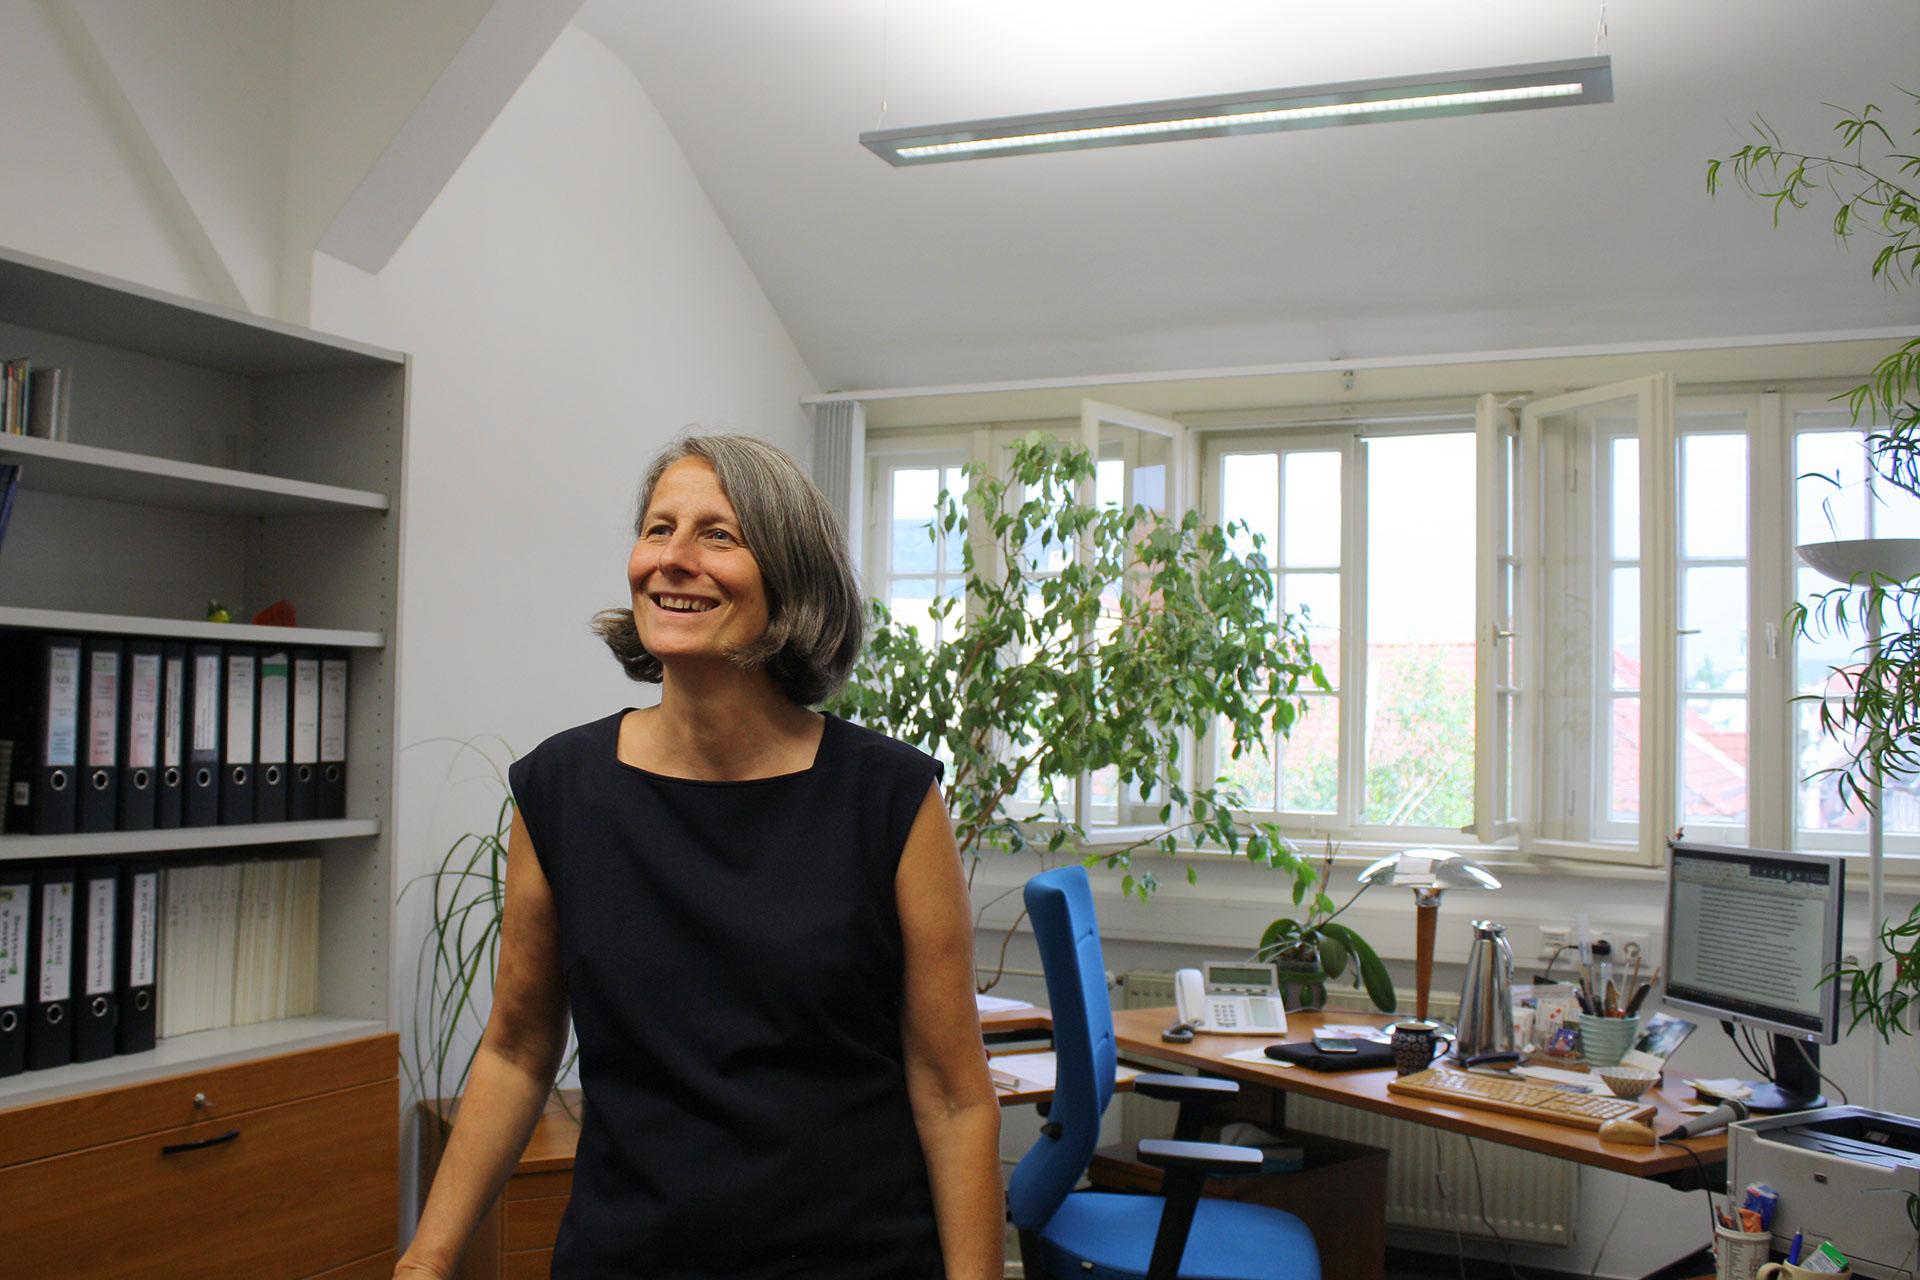 Eva Schmitt-Rodermund